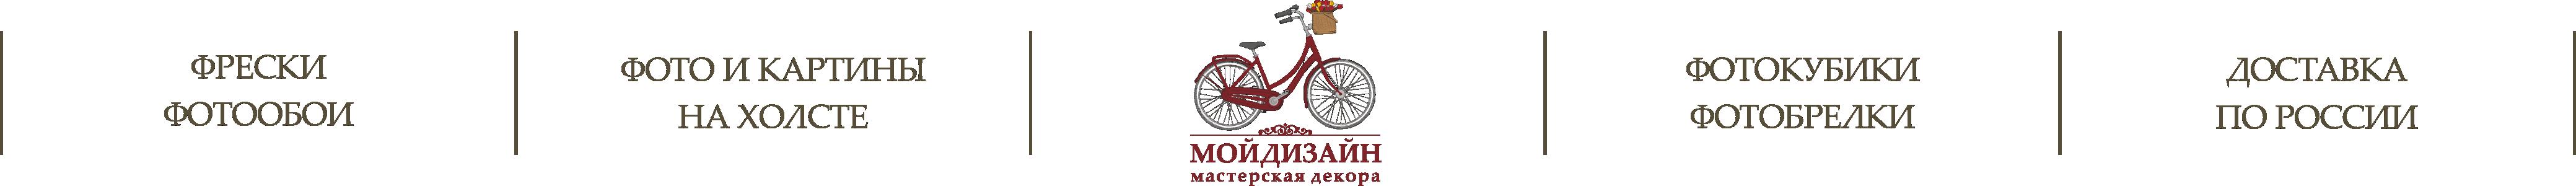 Мастерская декора МОЙДИЗАЙН